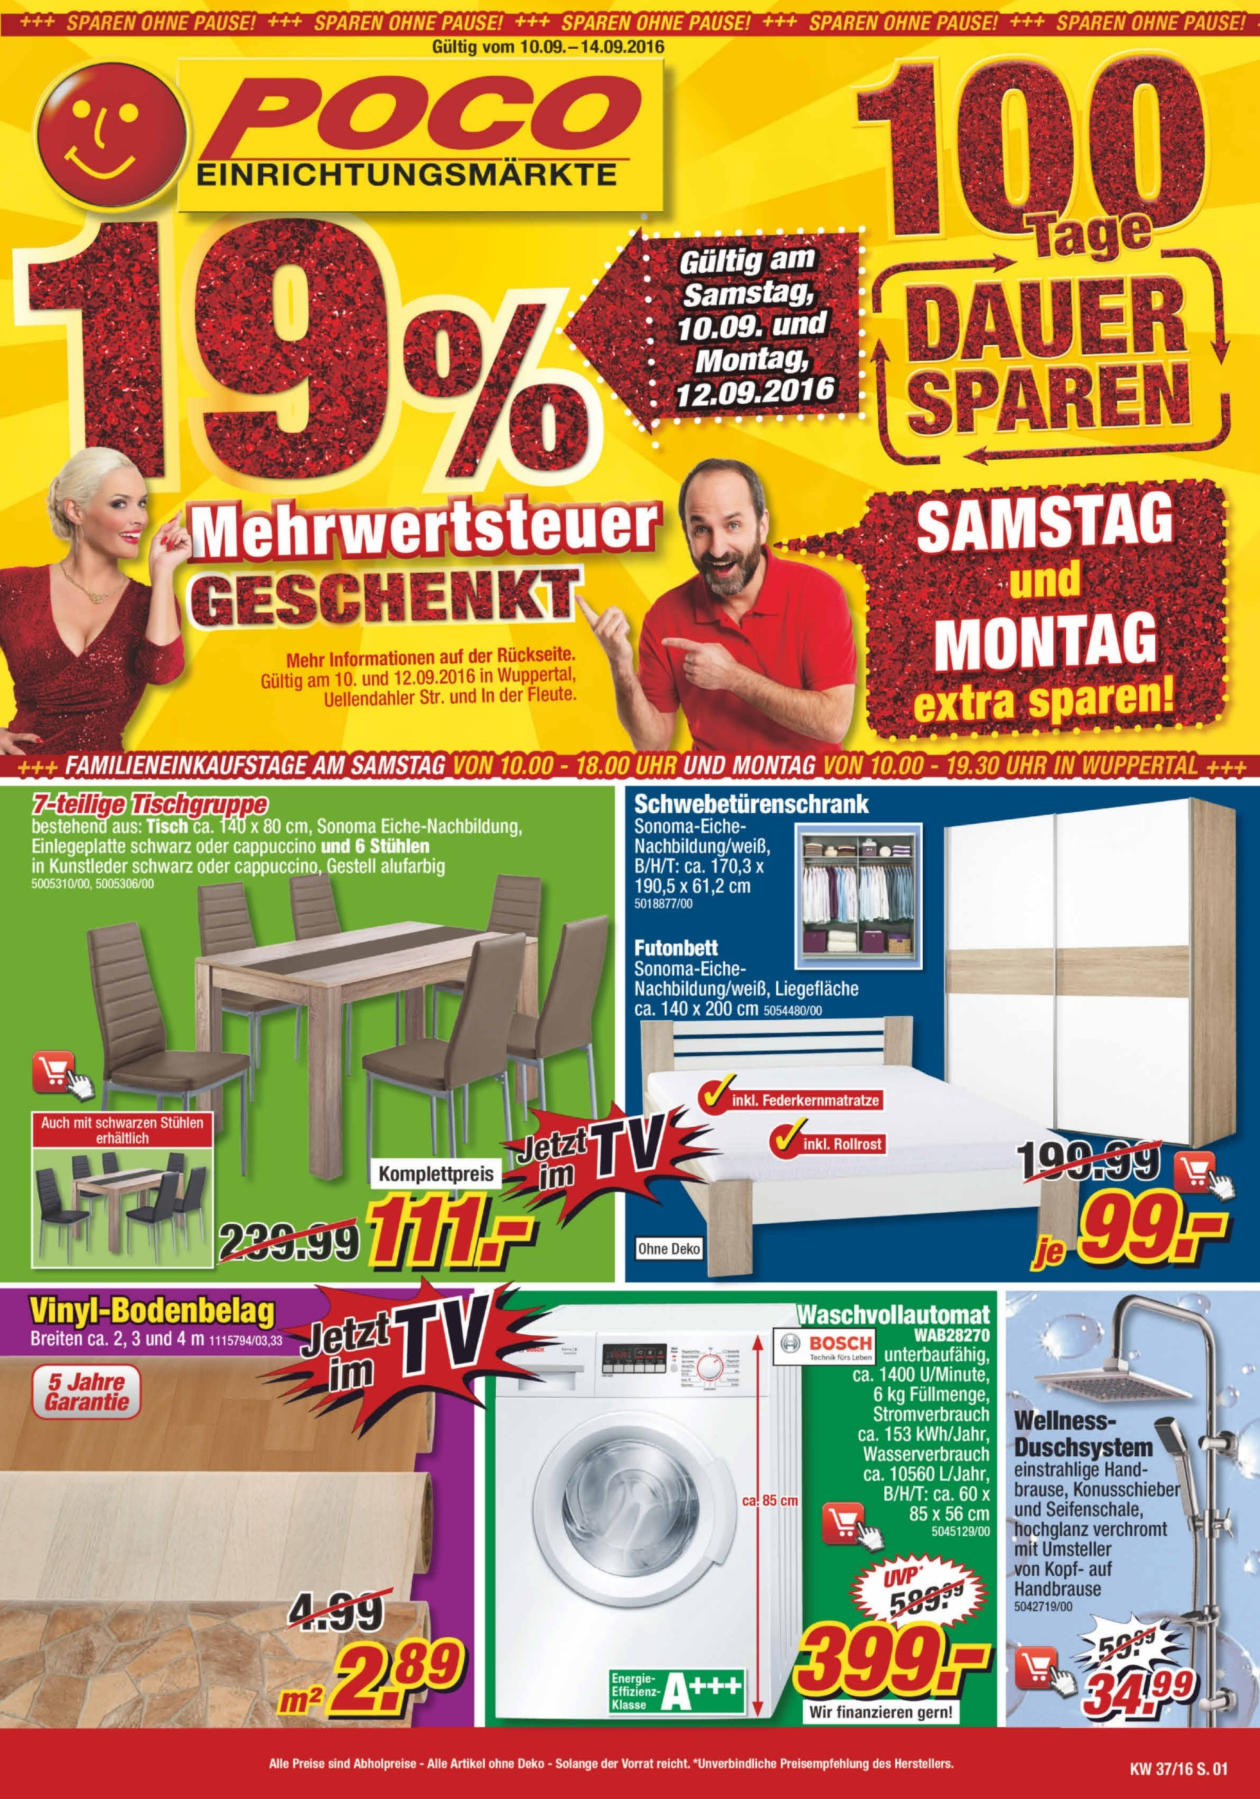 Poco küchen angebote  Küchen Aktuell Wuppertal esseryaad.info Finden Sie Tausende von ...